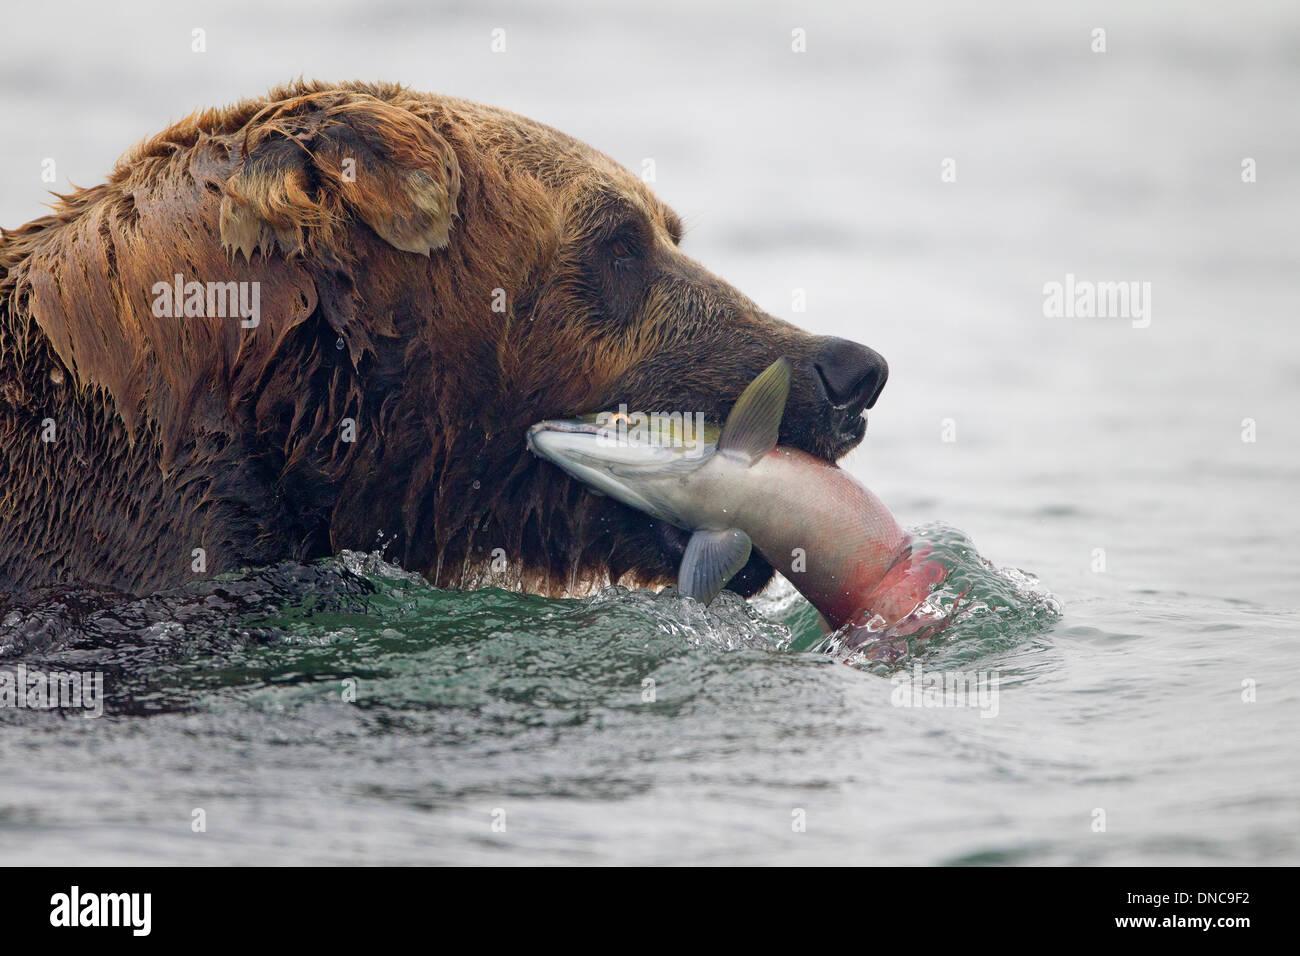 Alaskan orso bruno la cattura del salmone Immagini Stock